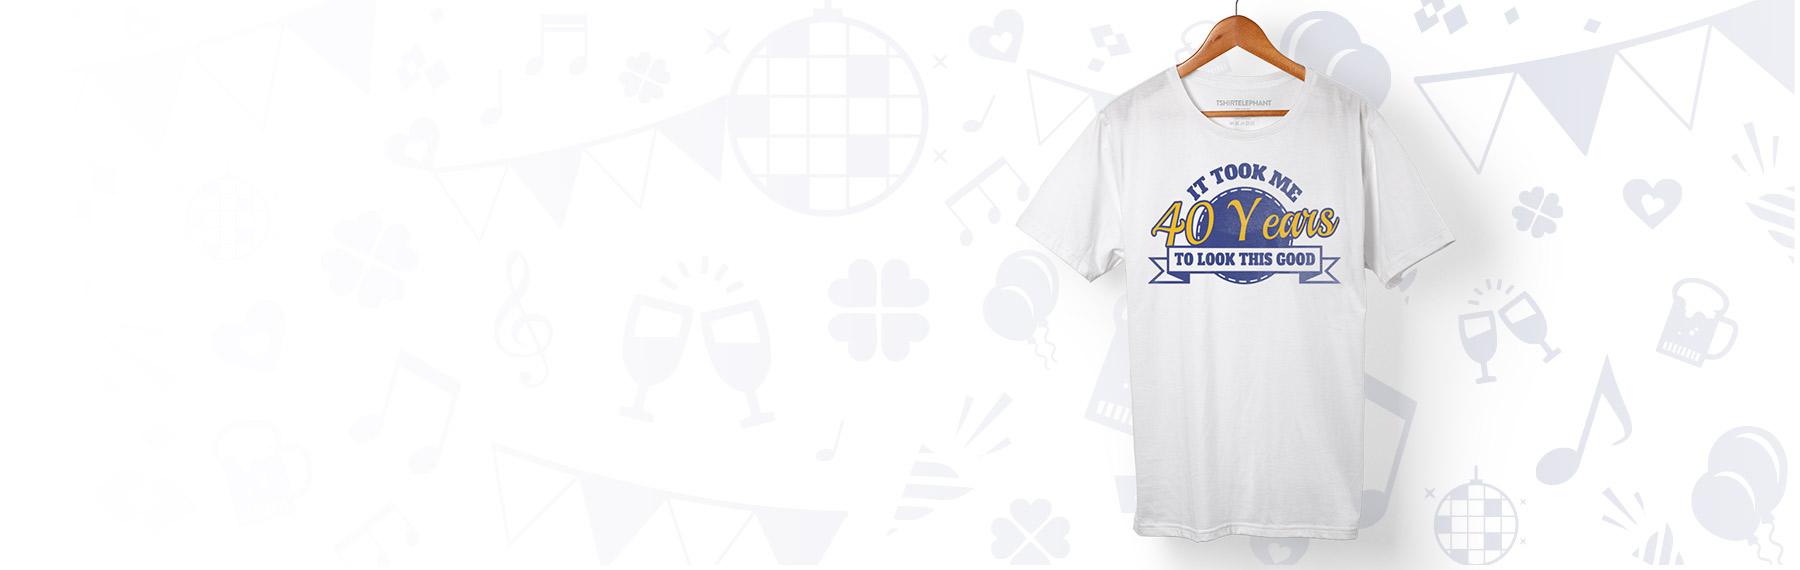 bd4395fce Design Custom Birthday T-Shirts Online in Canada | T-Shirt Elephant